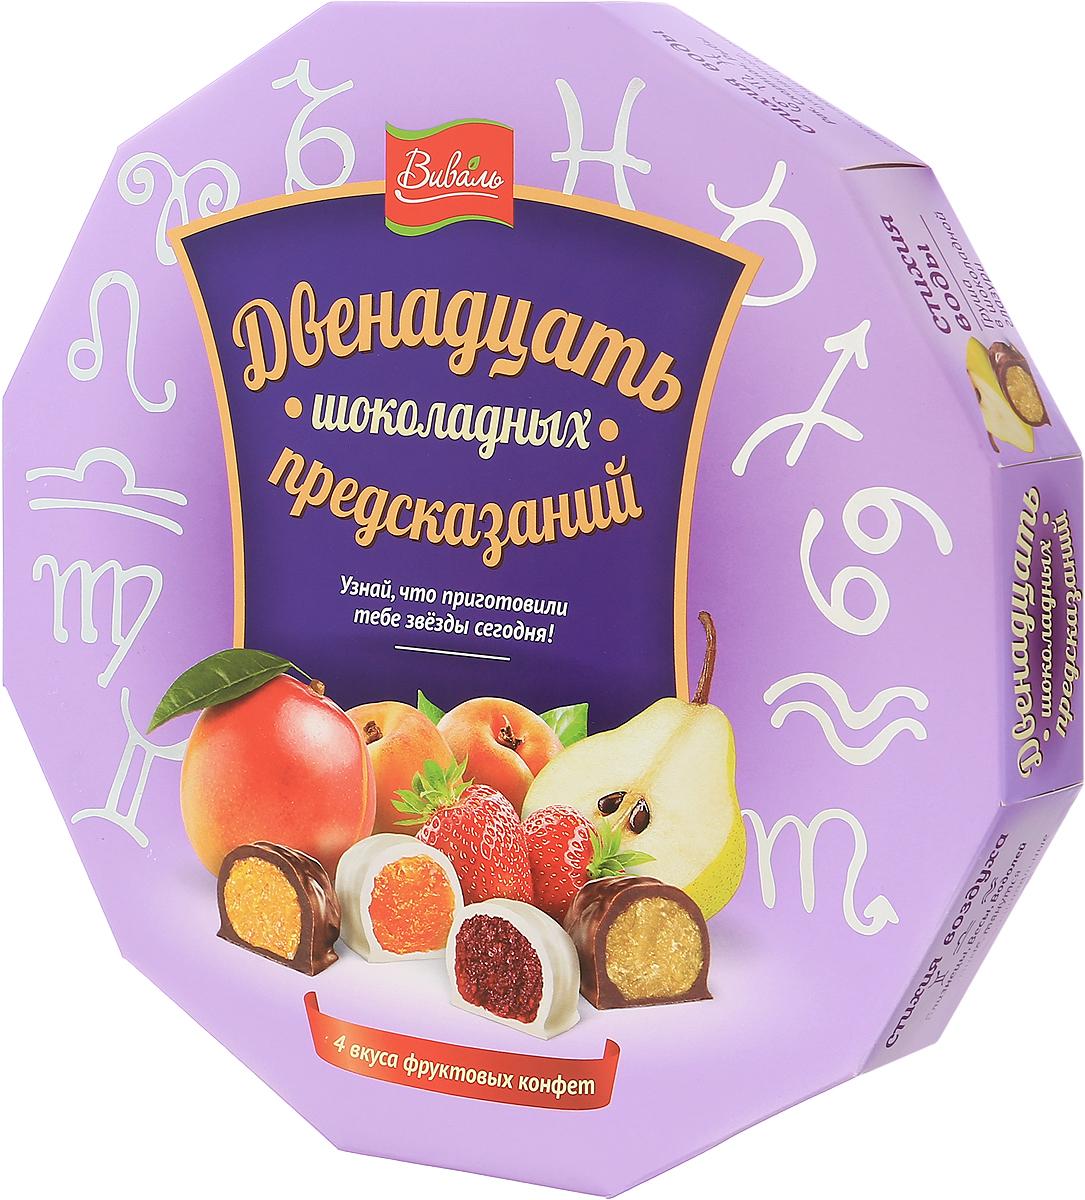 Виваль набор конфет 12 шоколадных предсказаний, 220 г4620000677512Ассорти конфет «Двенадцать шоколадных предсказаний» отличается оригинальной идеей развлечения. В коробке двенадцать конфет, соответствующих каждому знаку зодиака. Под каждой конфетой любители сладкого найдут уникальное предсказание на ближайшее будущее. Покупателей порадует не только интерактивная упаковка, но и оригинальные вкусы продукта. Набор ассорти шоколадного гороскопа представлен наиболее популярными вкусами конфет ТМ «Виваль»: груша и манго в шоколадной глазури, клубника и абрикос в белой шоколадной глазури.